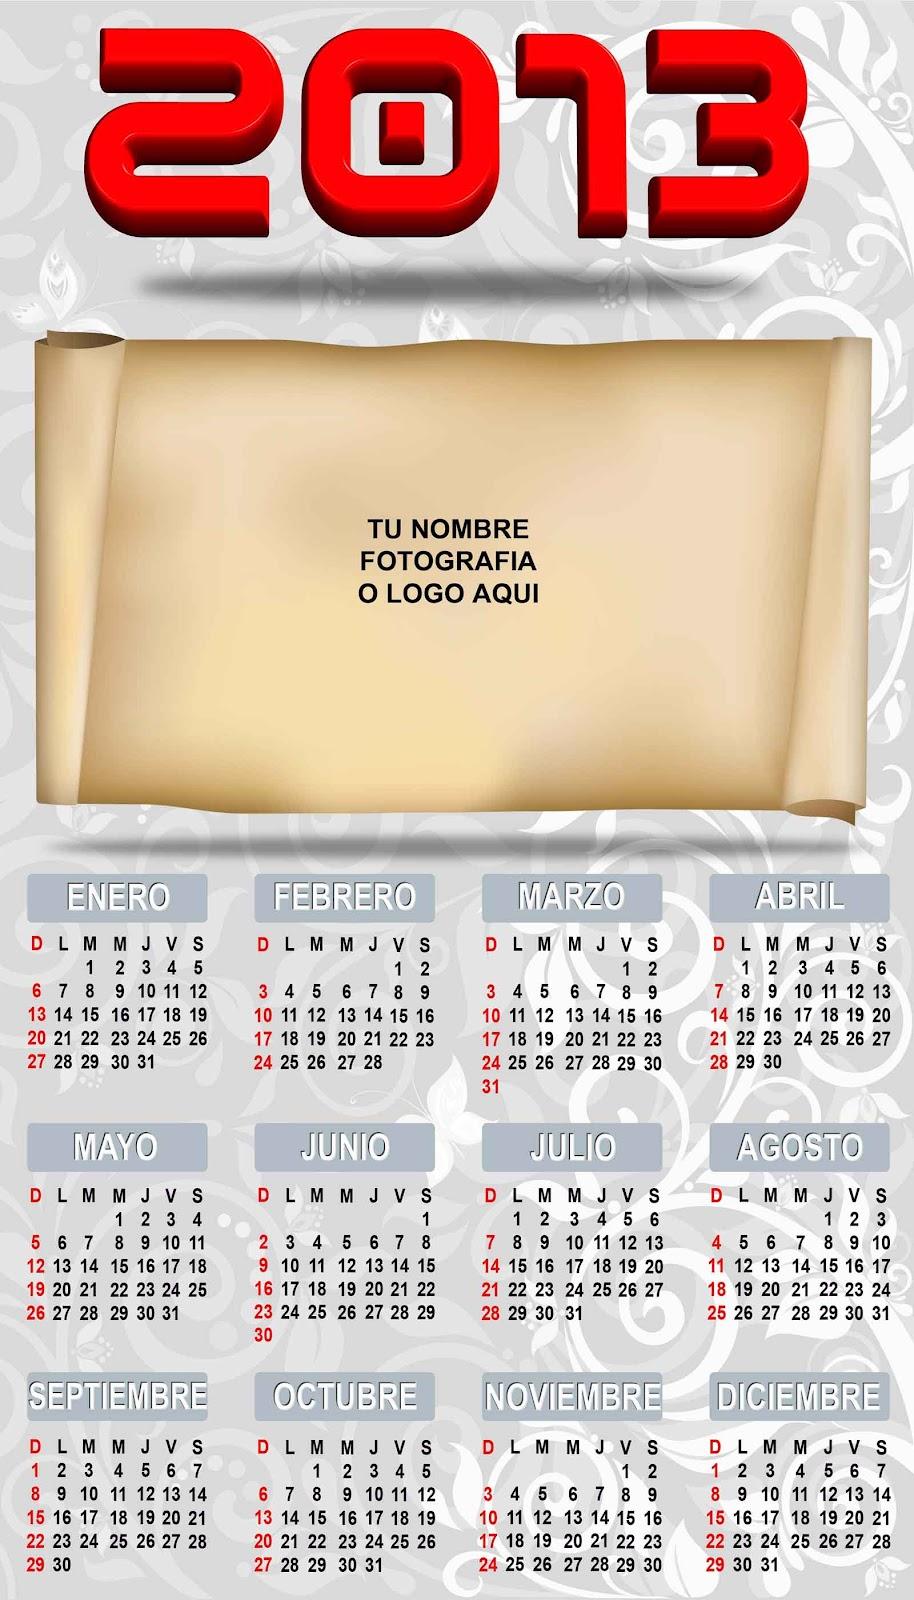 Calendario 2013 personalizado com foto 72